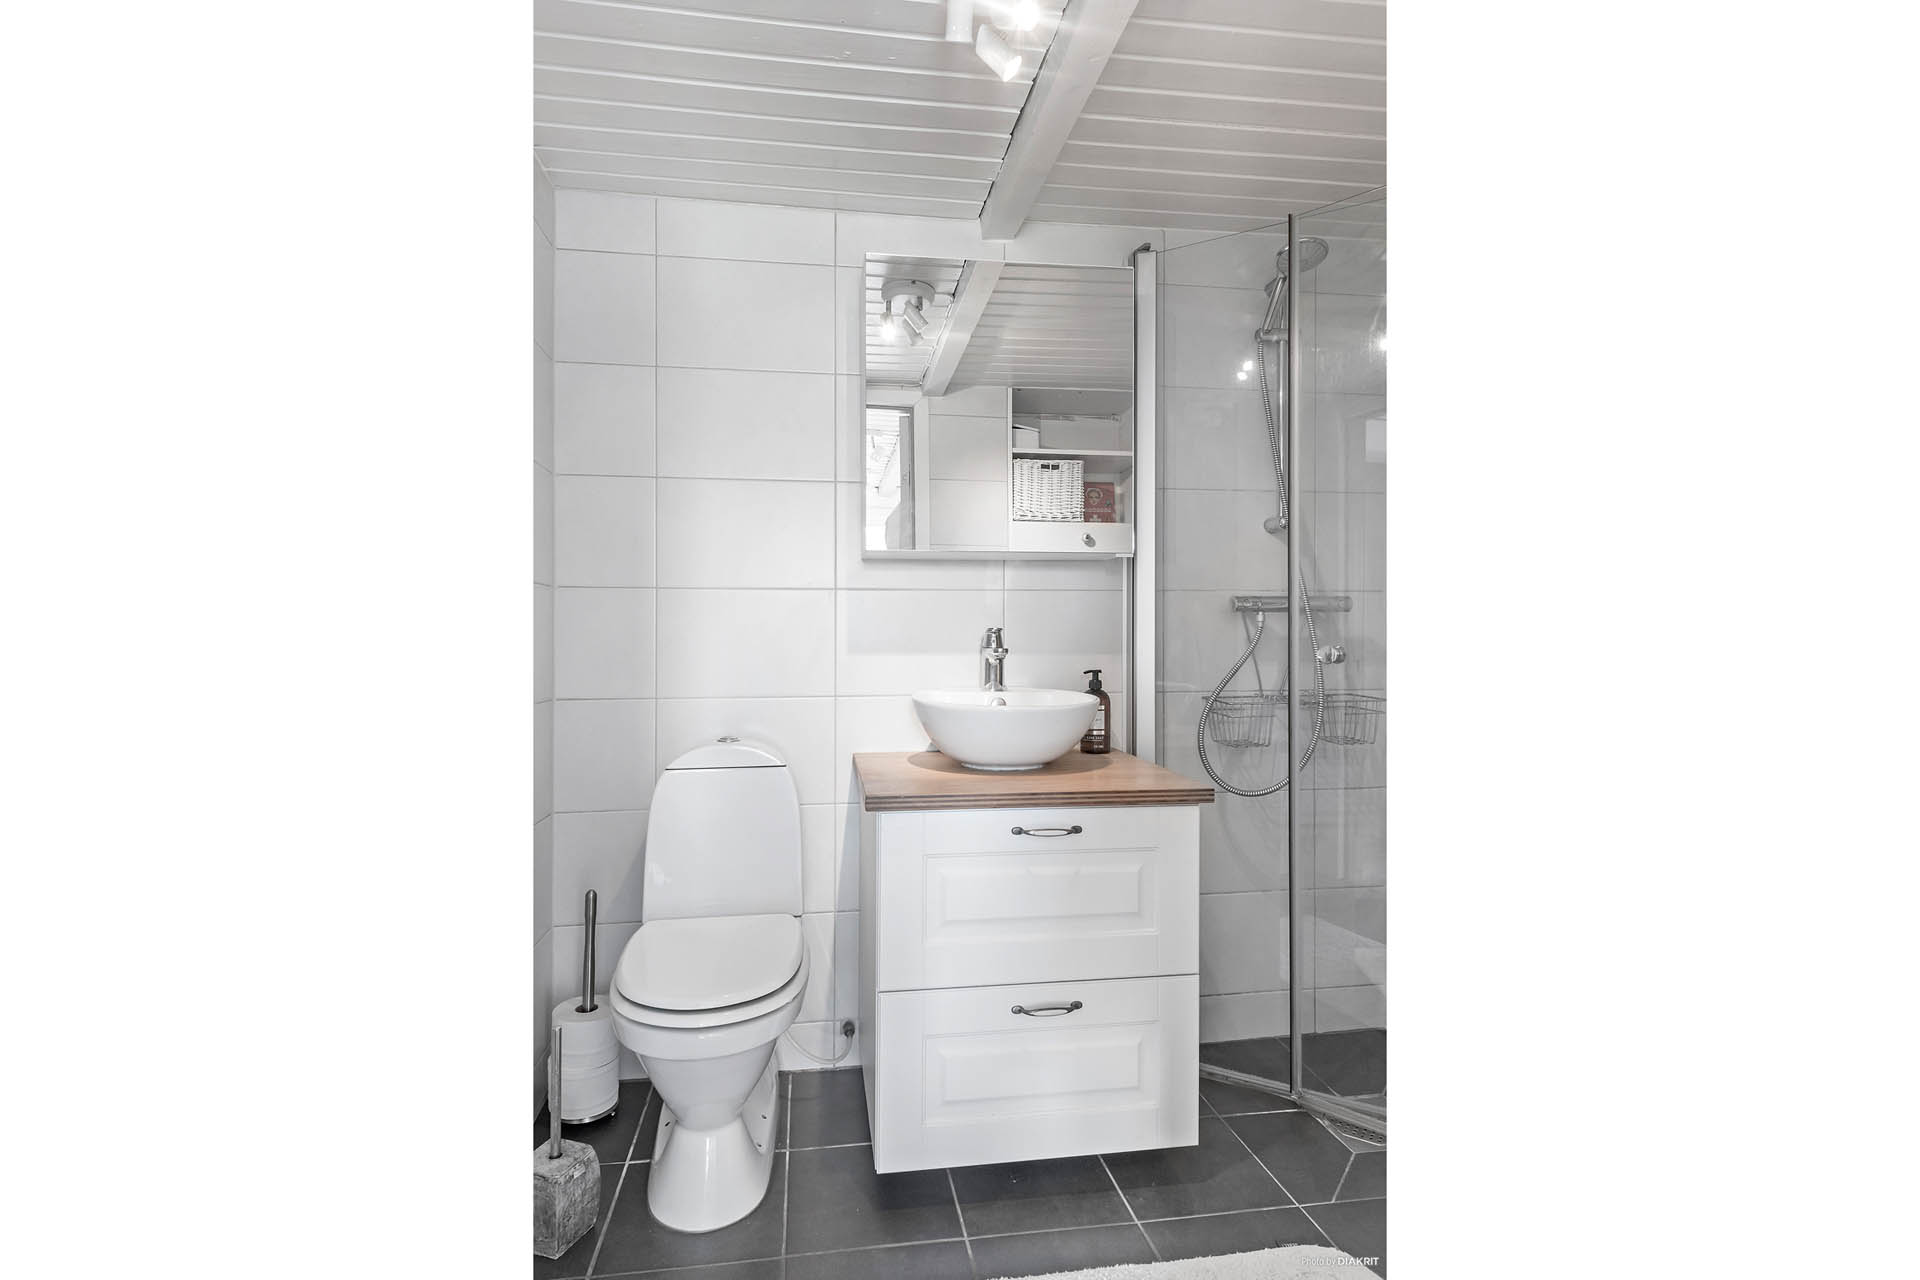 Badrum nummer två ligger i anslutning till köket. Kakel och klinker med elgolvvärme. Dusch, handfat och wc.